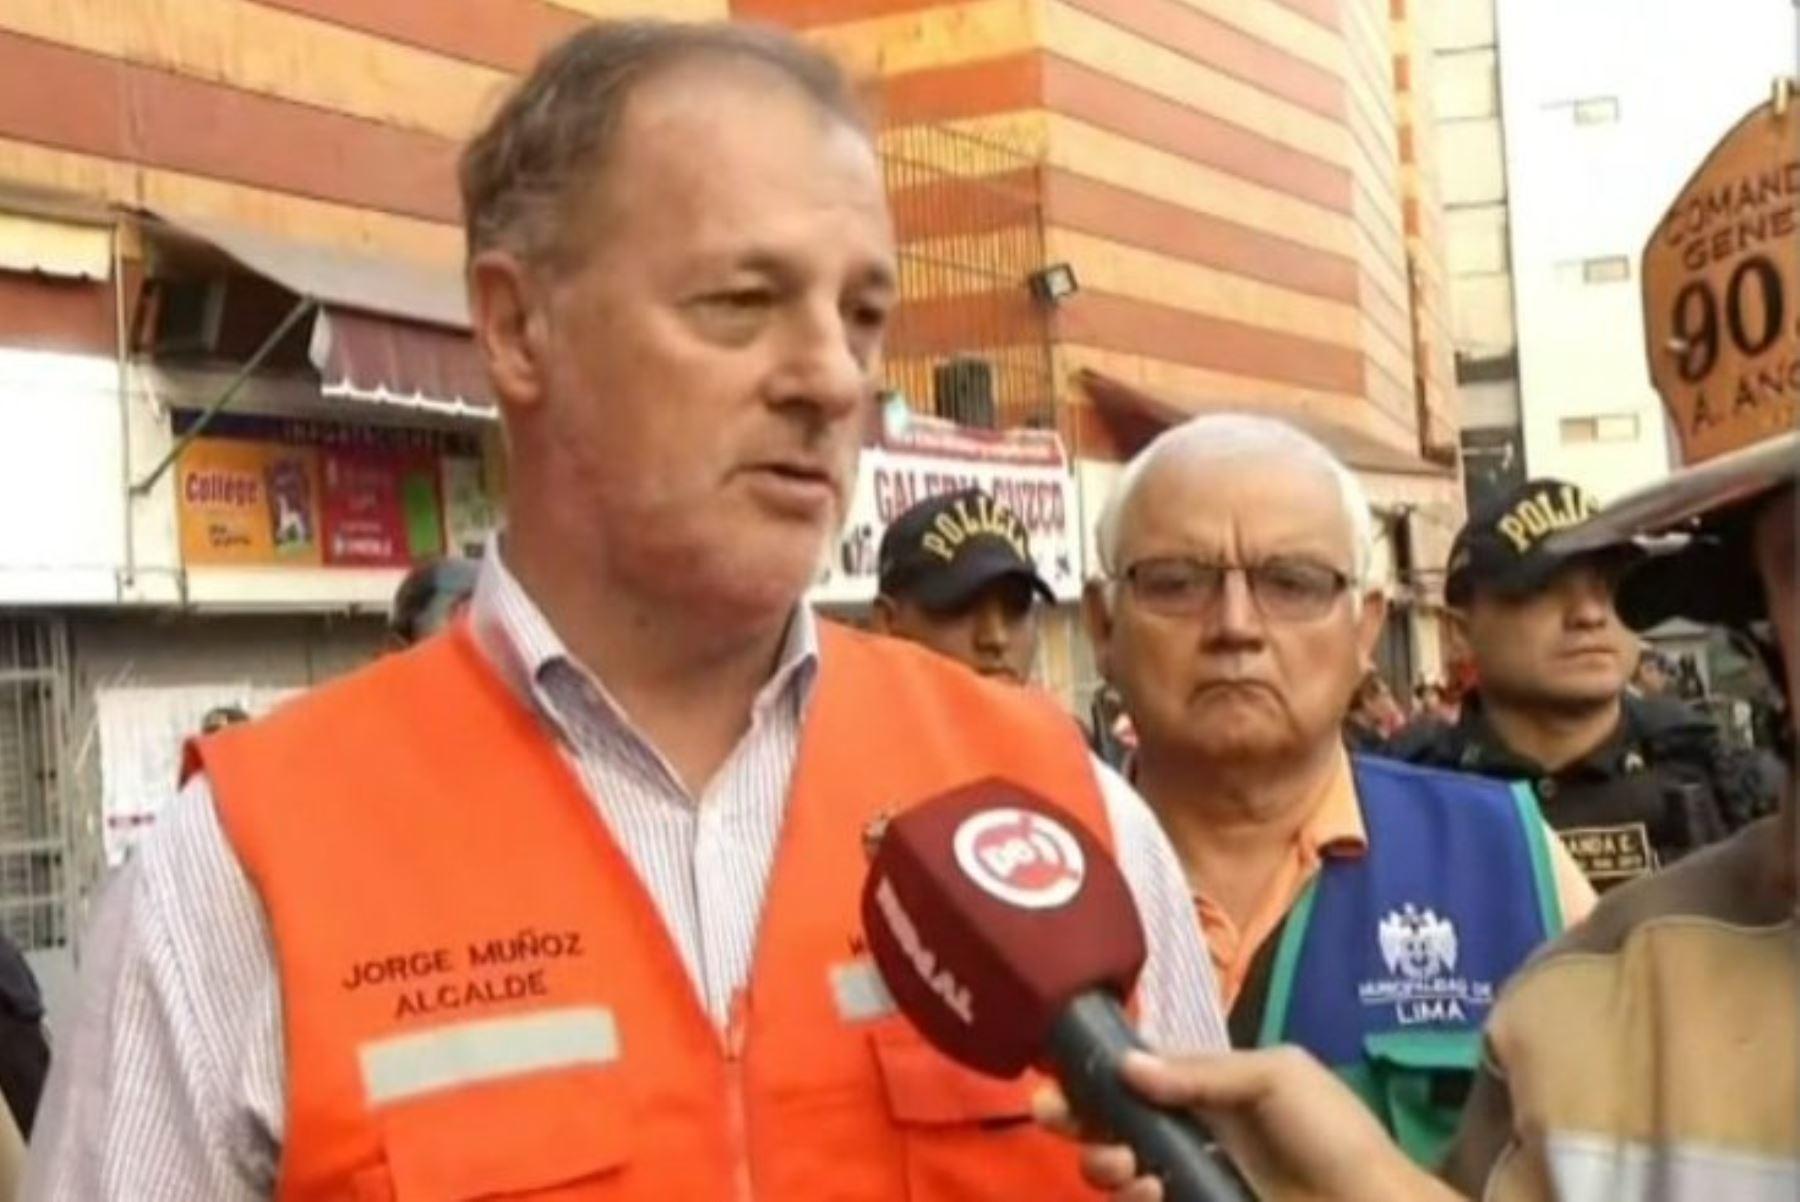 Alcalde de Lima, Jorge Muñoz, en Mesa Redonda. Foto: ANDINA/Difusión.